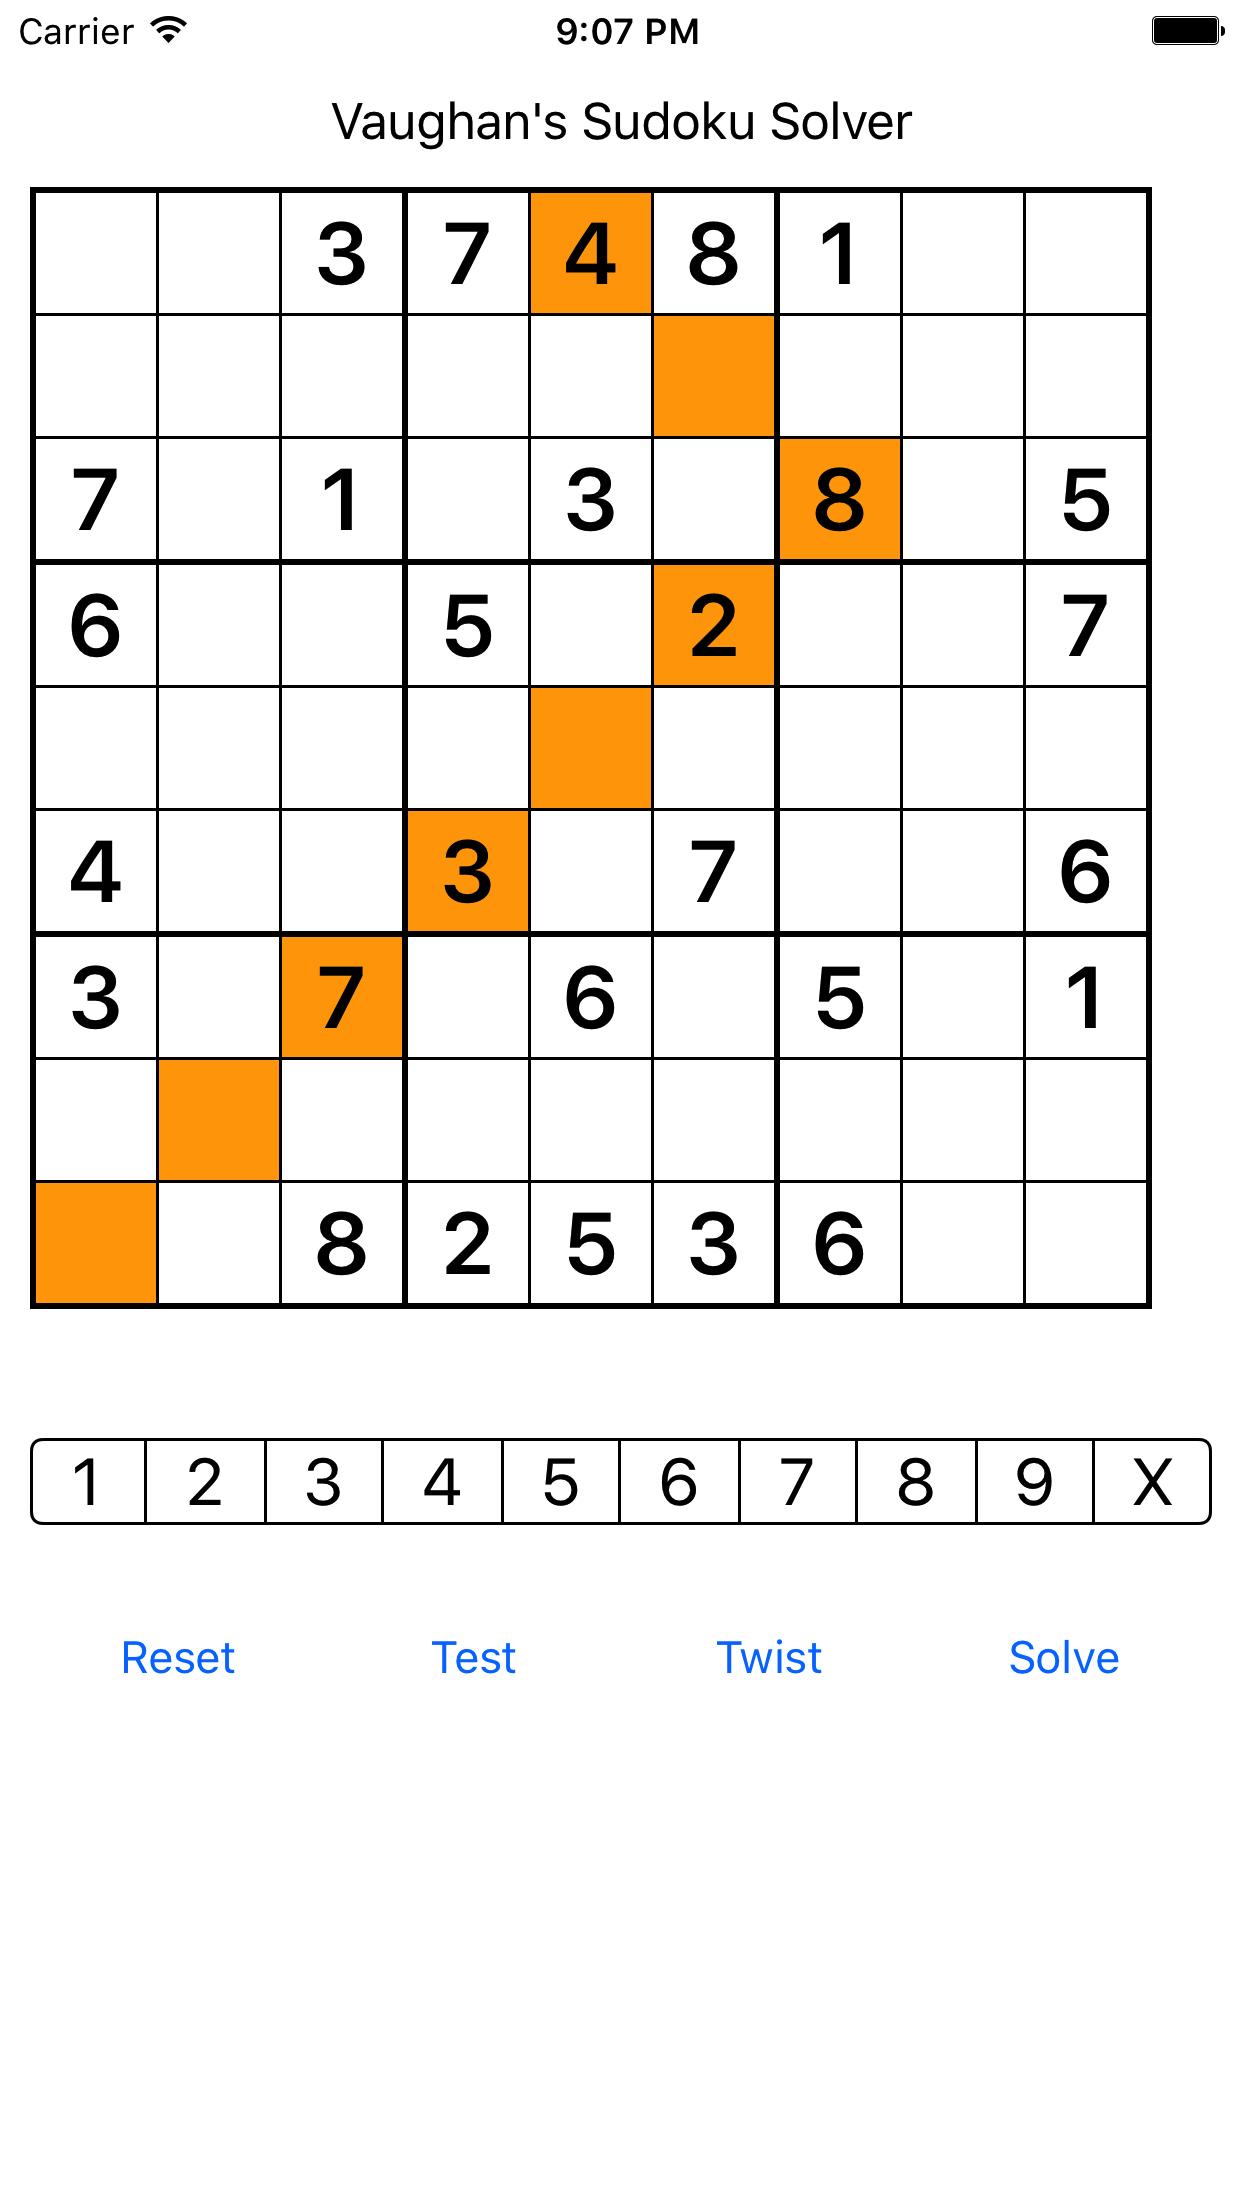 Sudoku June 2017 Online Pdf - Ielts General Reading Books concernant Sudoku Maternelle À Imprimer